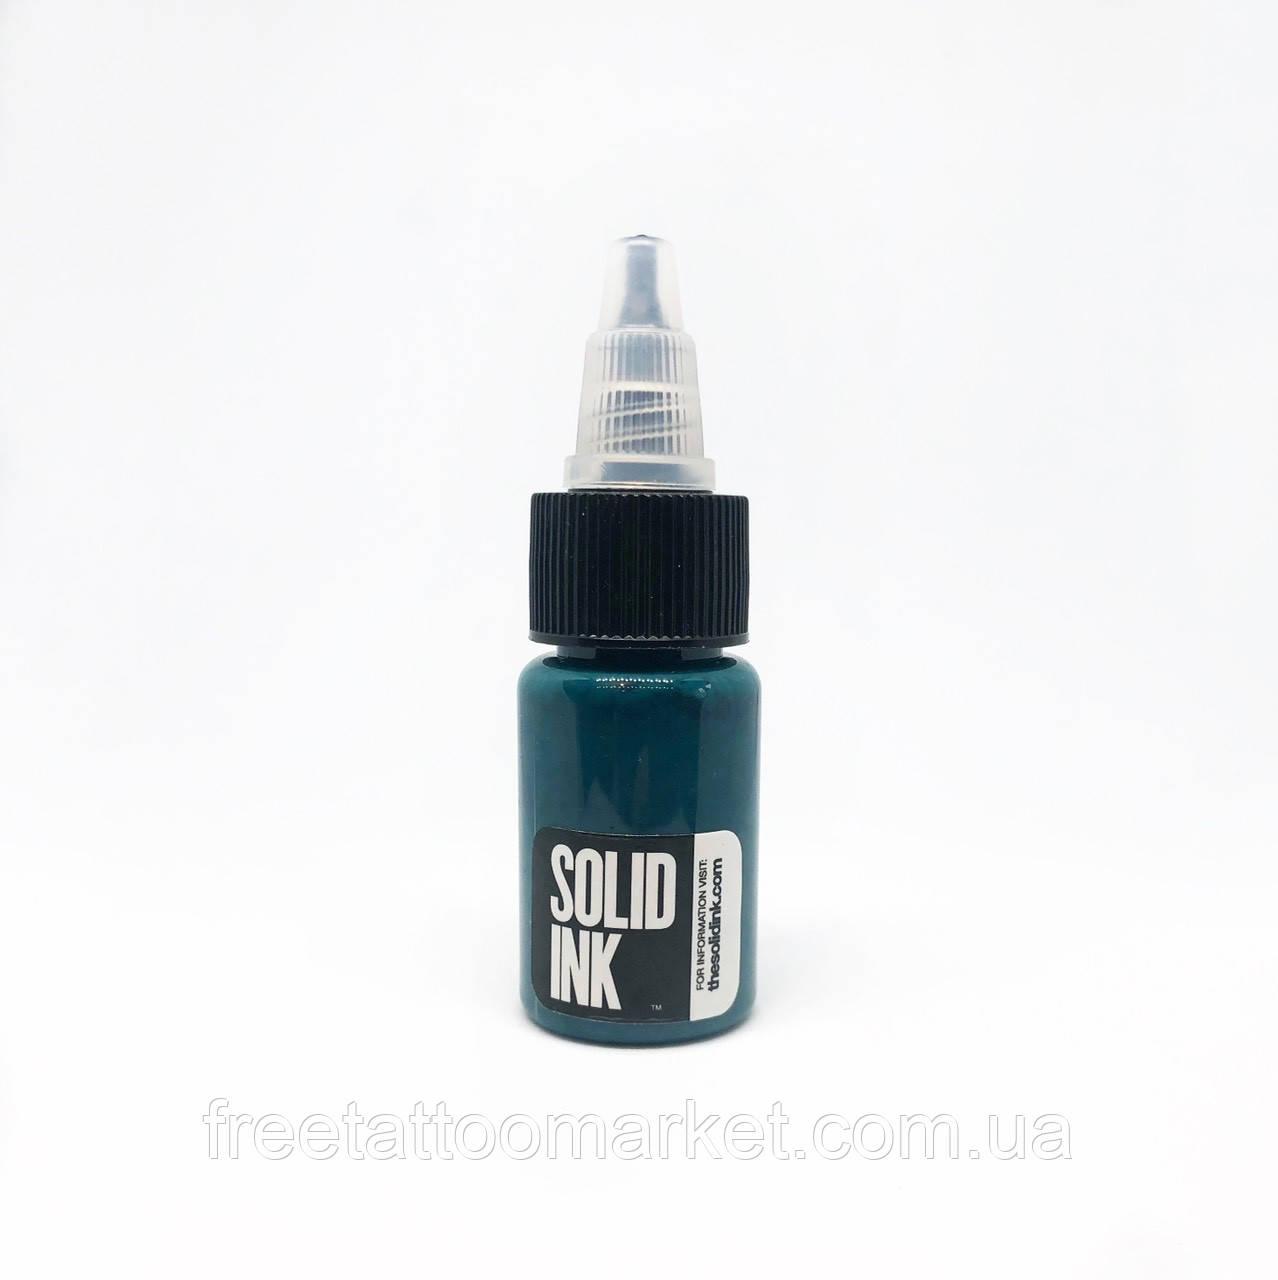 Тату краска SOLID INK Agave  0.5 унц (15мл)